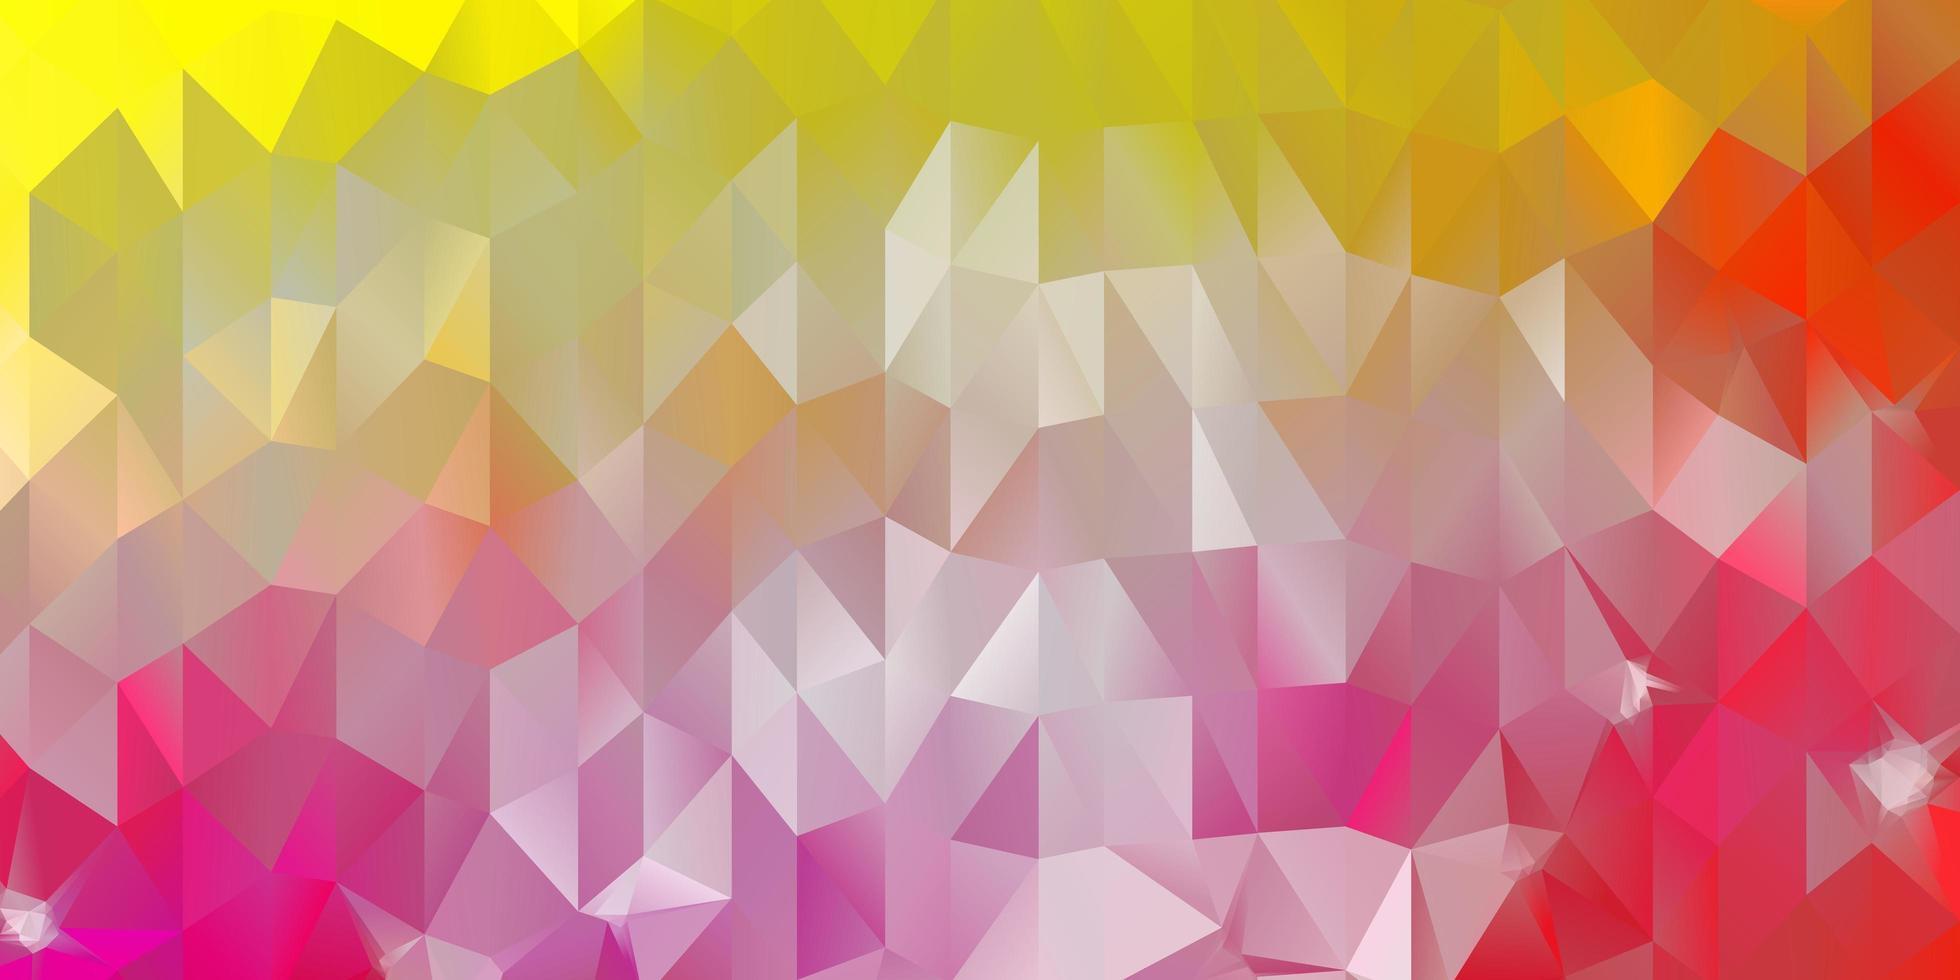 layout poligonal geométrico do vetor rosa claro e amarelo.